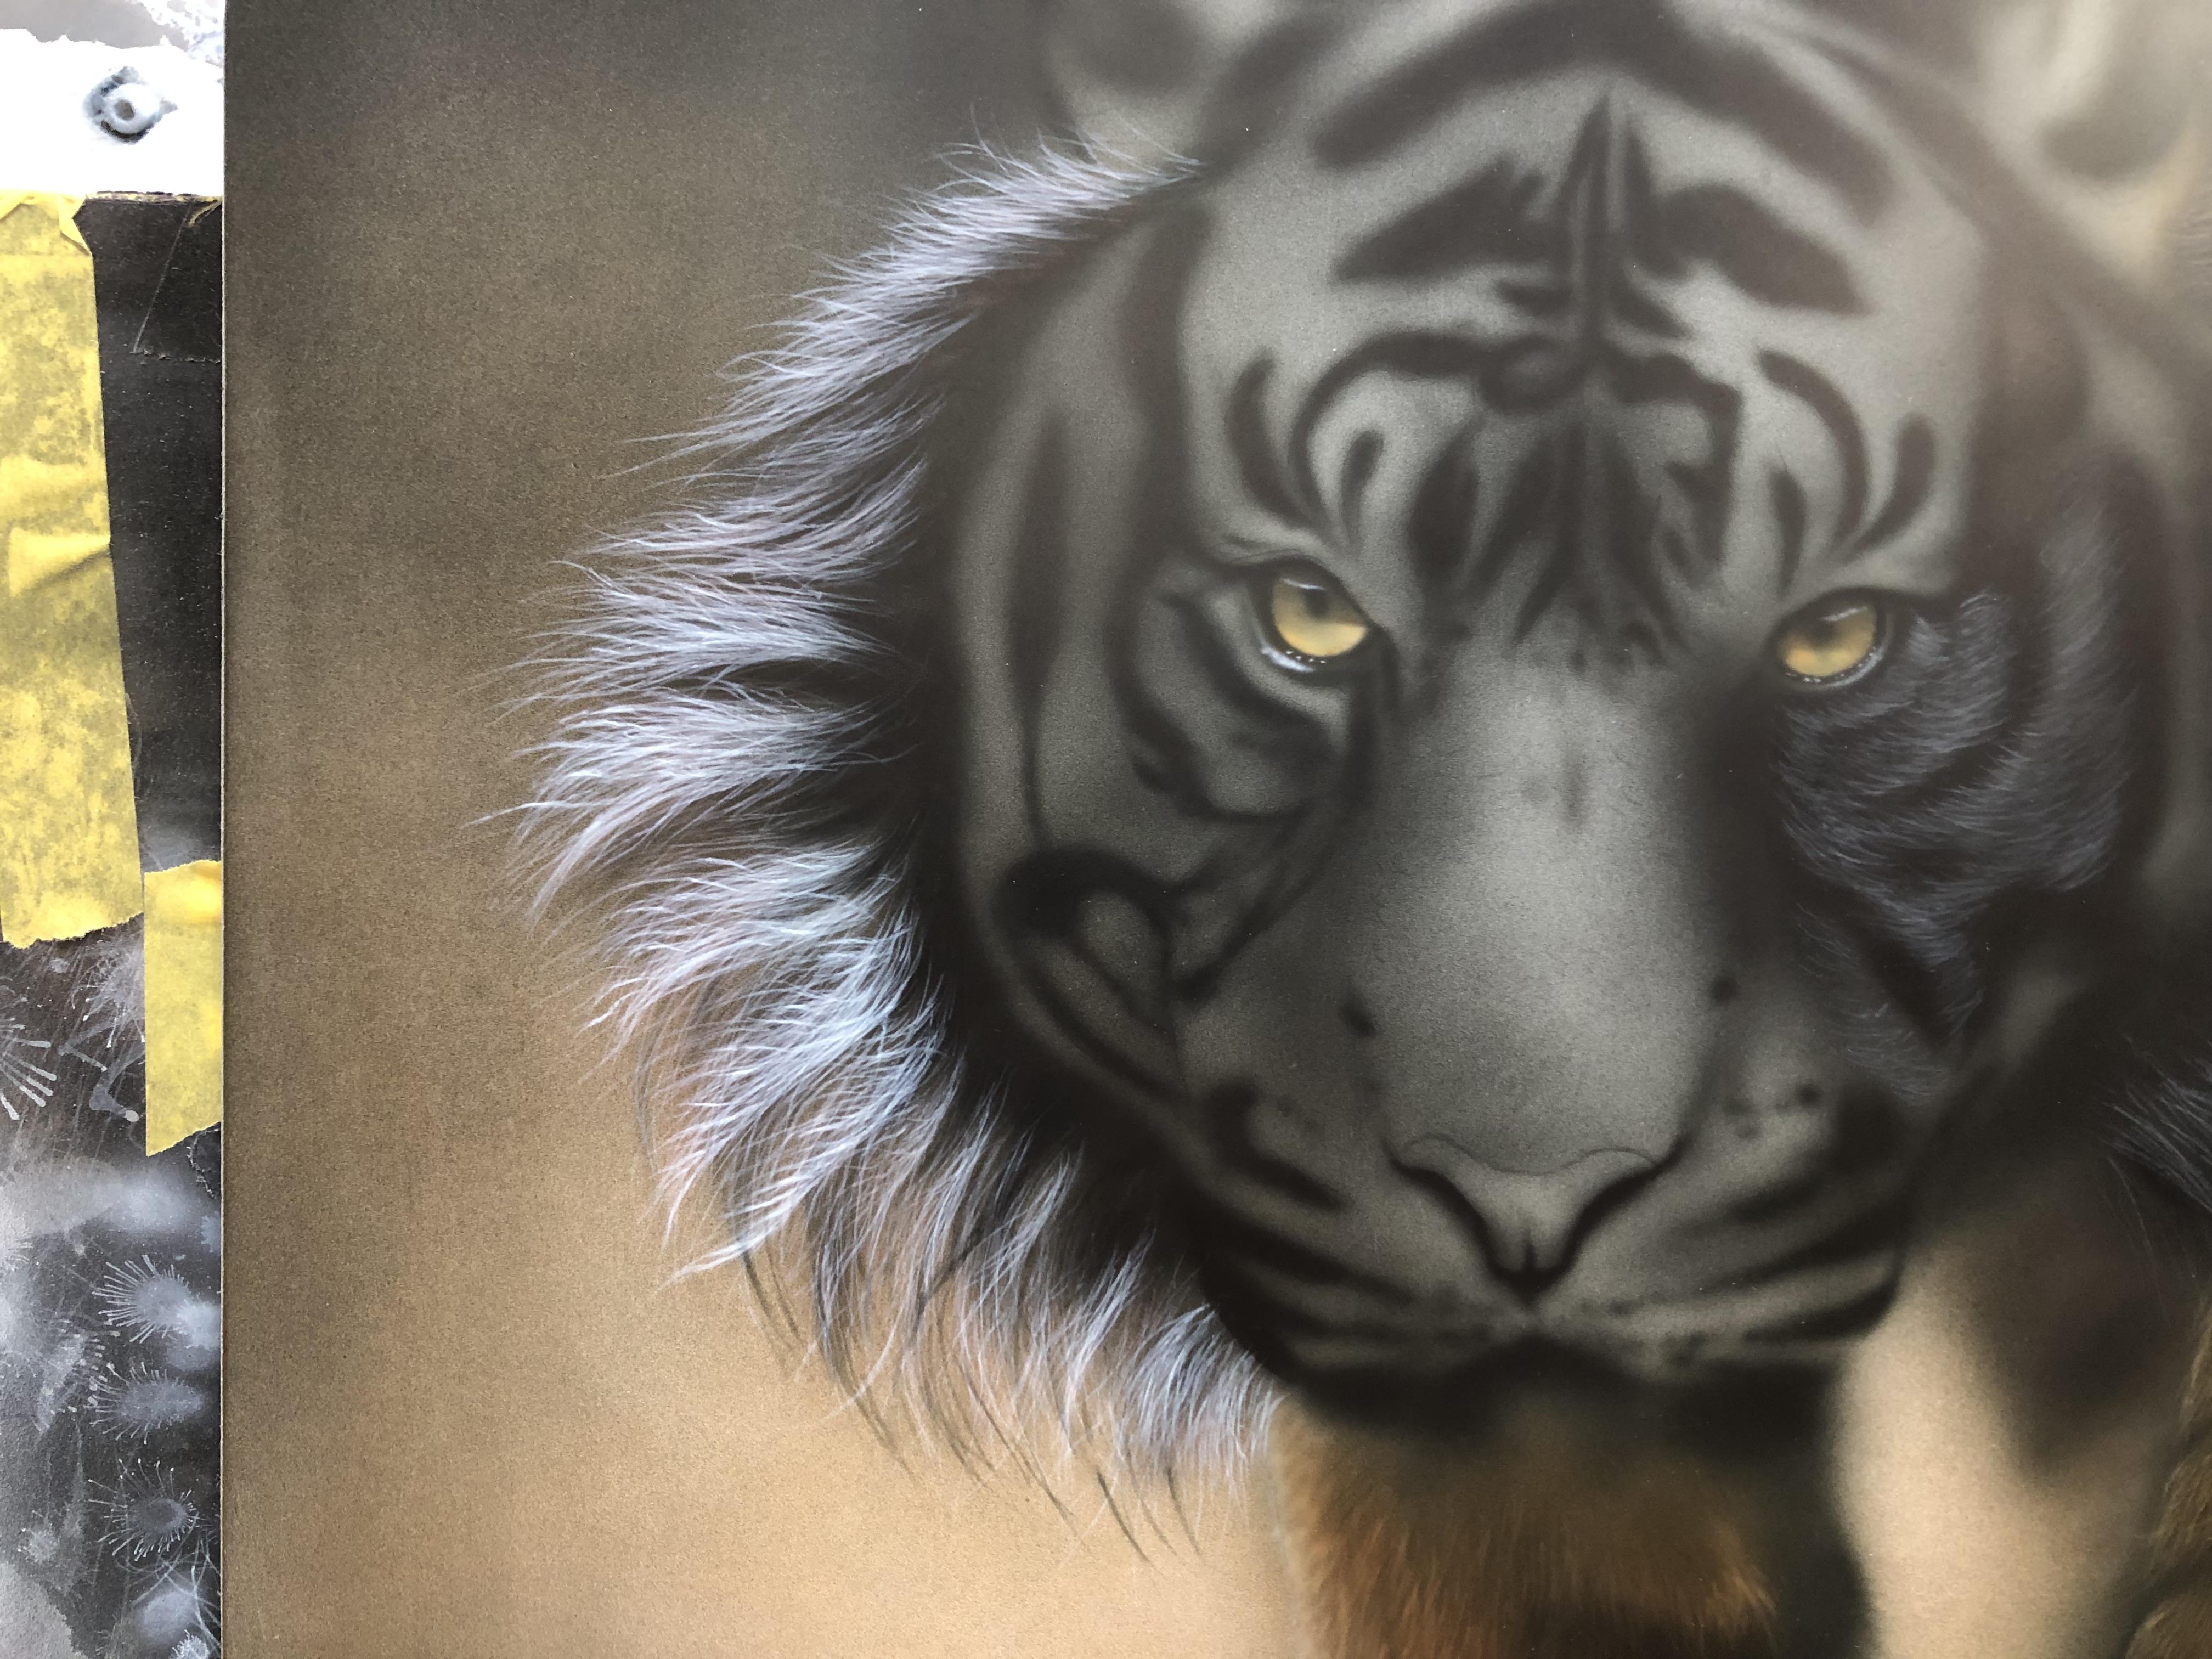 エアブラシアート動物画編、トラの顔の毛の描き方